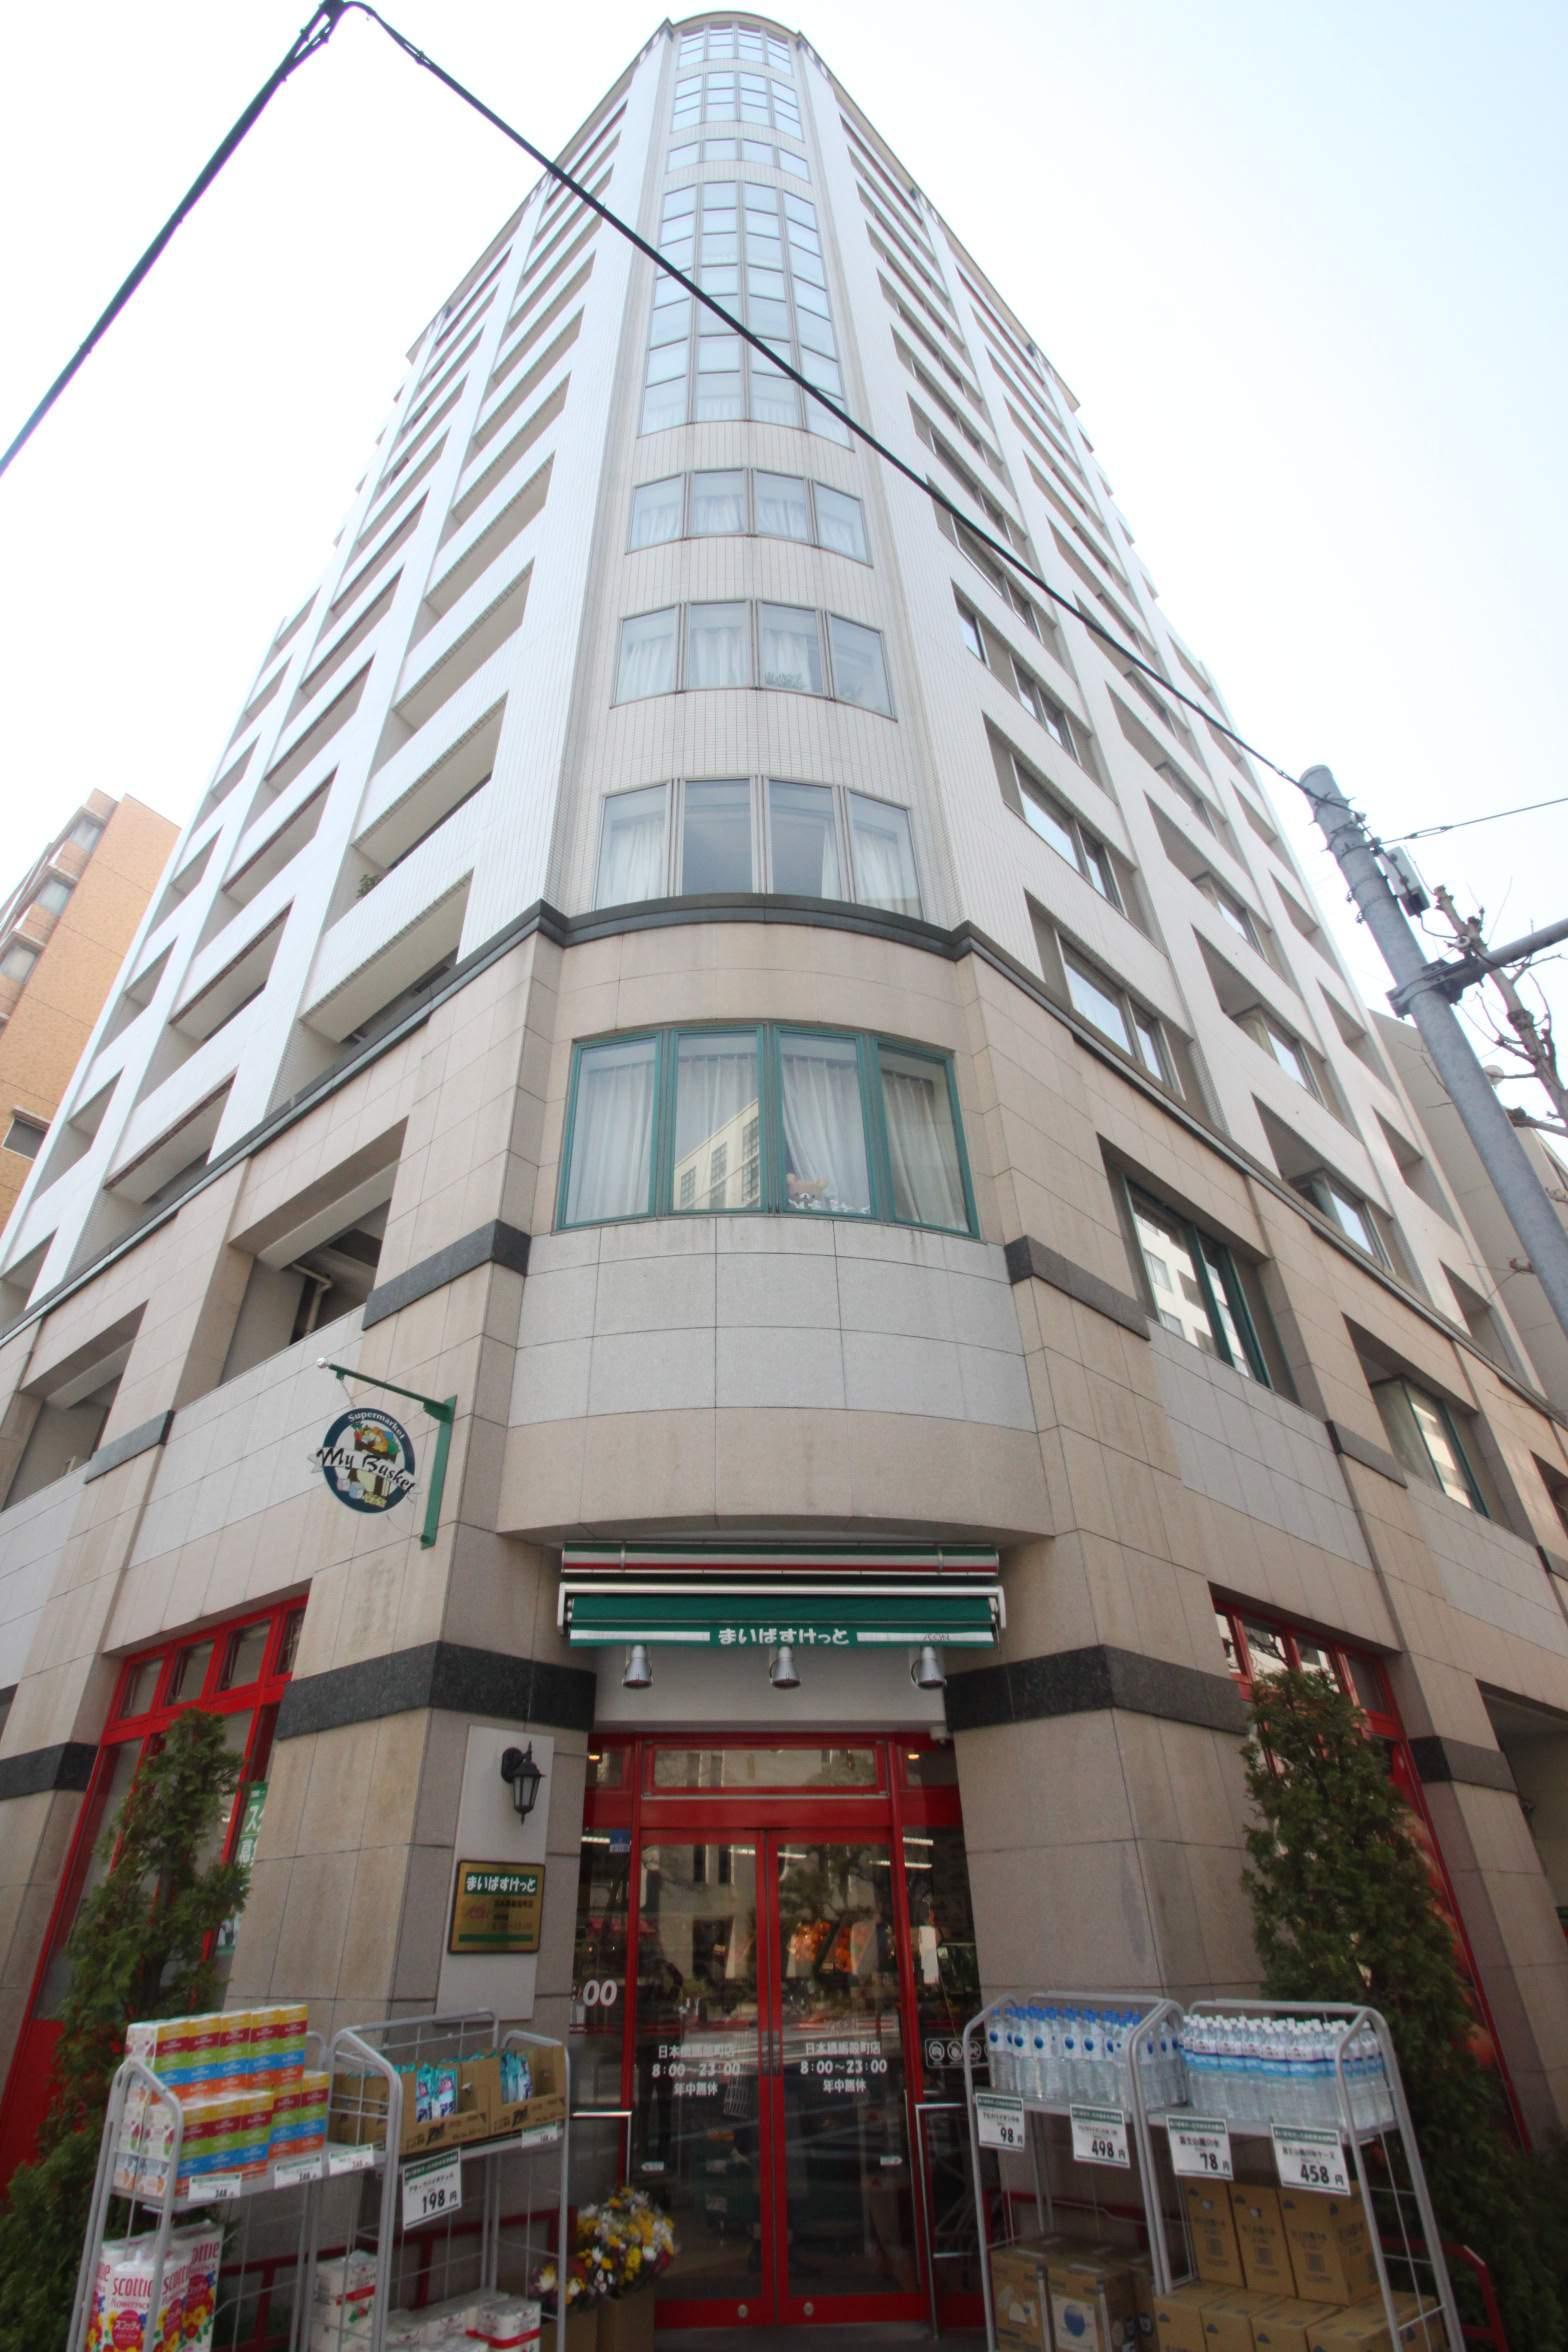 東京都中央区、茅場町駅徒歩9分の築13年 15階建の賃貸マンション